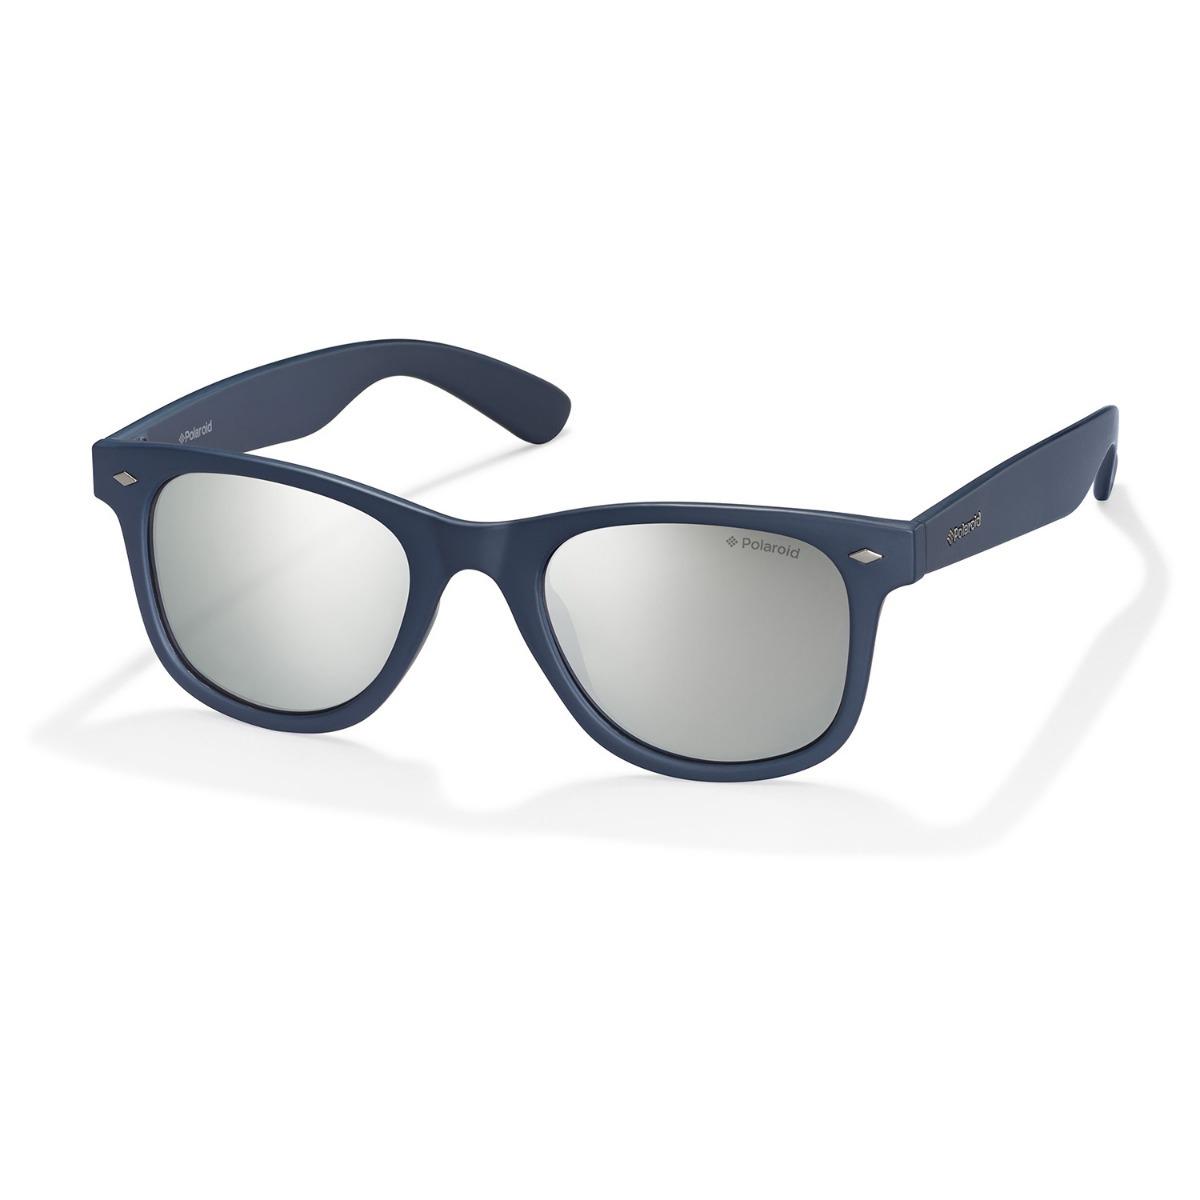 034d068b2a lentes de sol polaroid moda originales polarizado p8443. Cargando zoom.